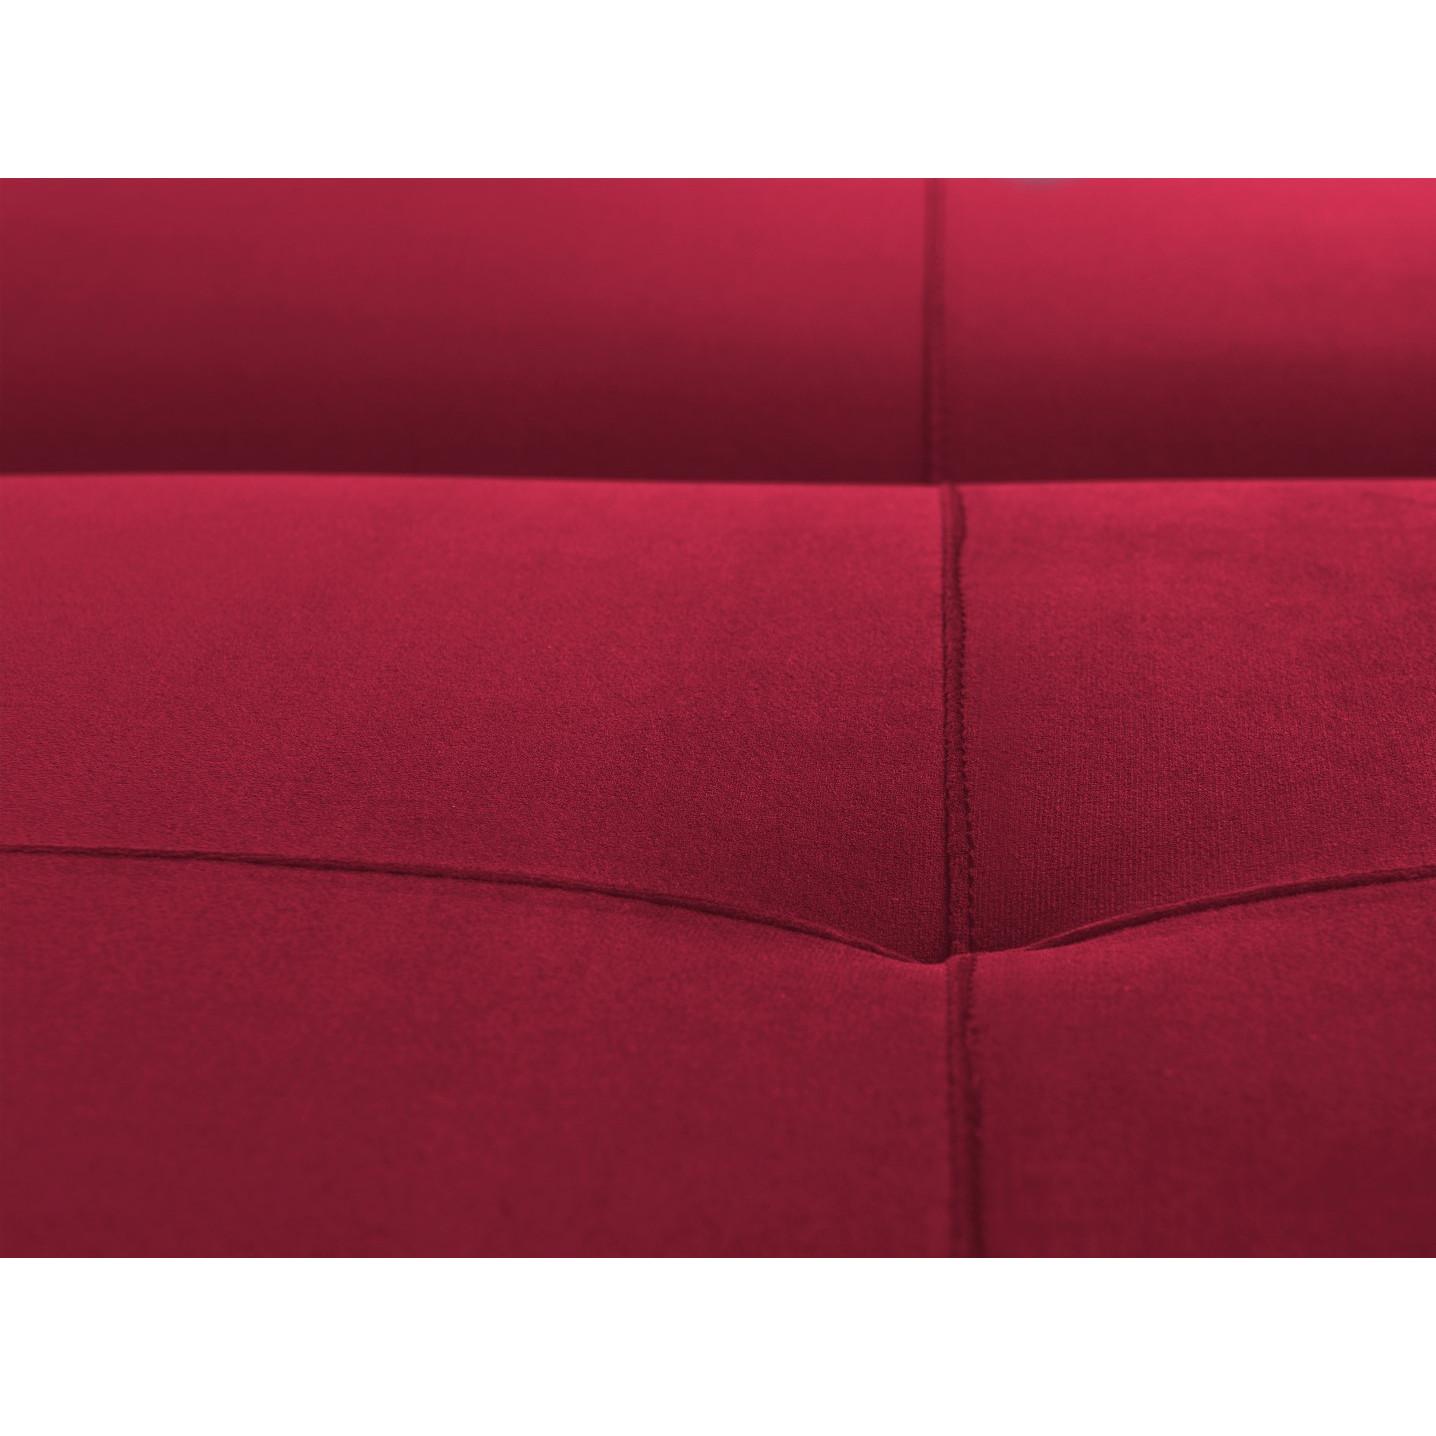 3 Seater Sofa Modes | Chokeberry